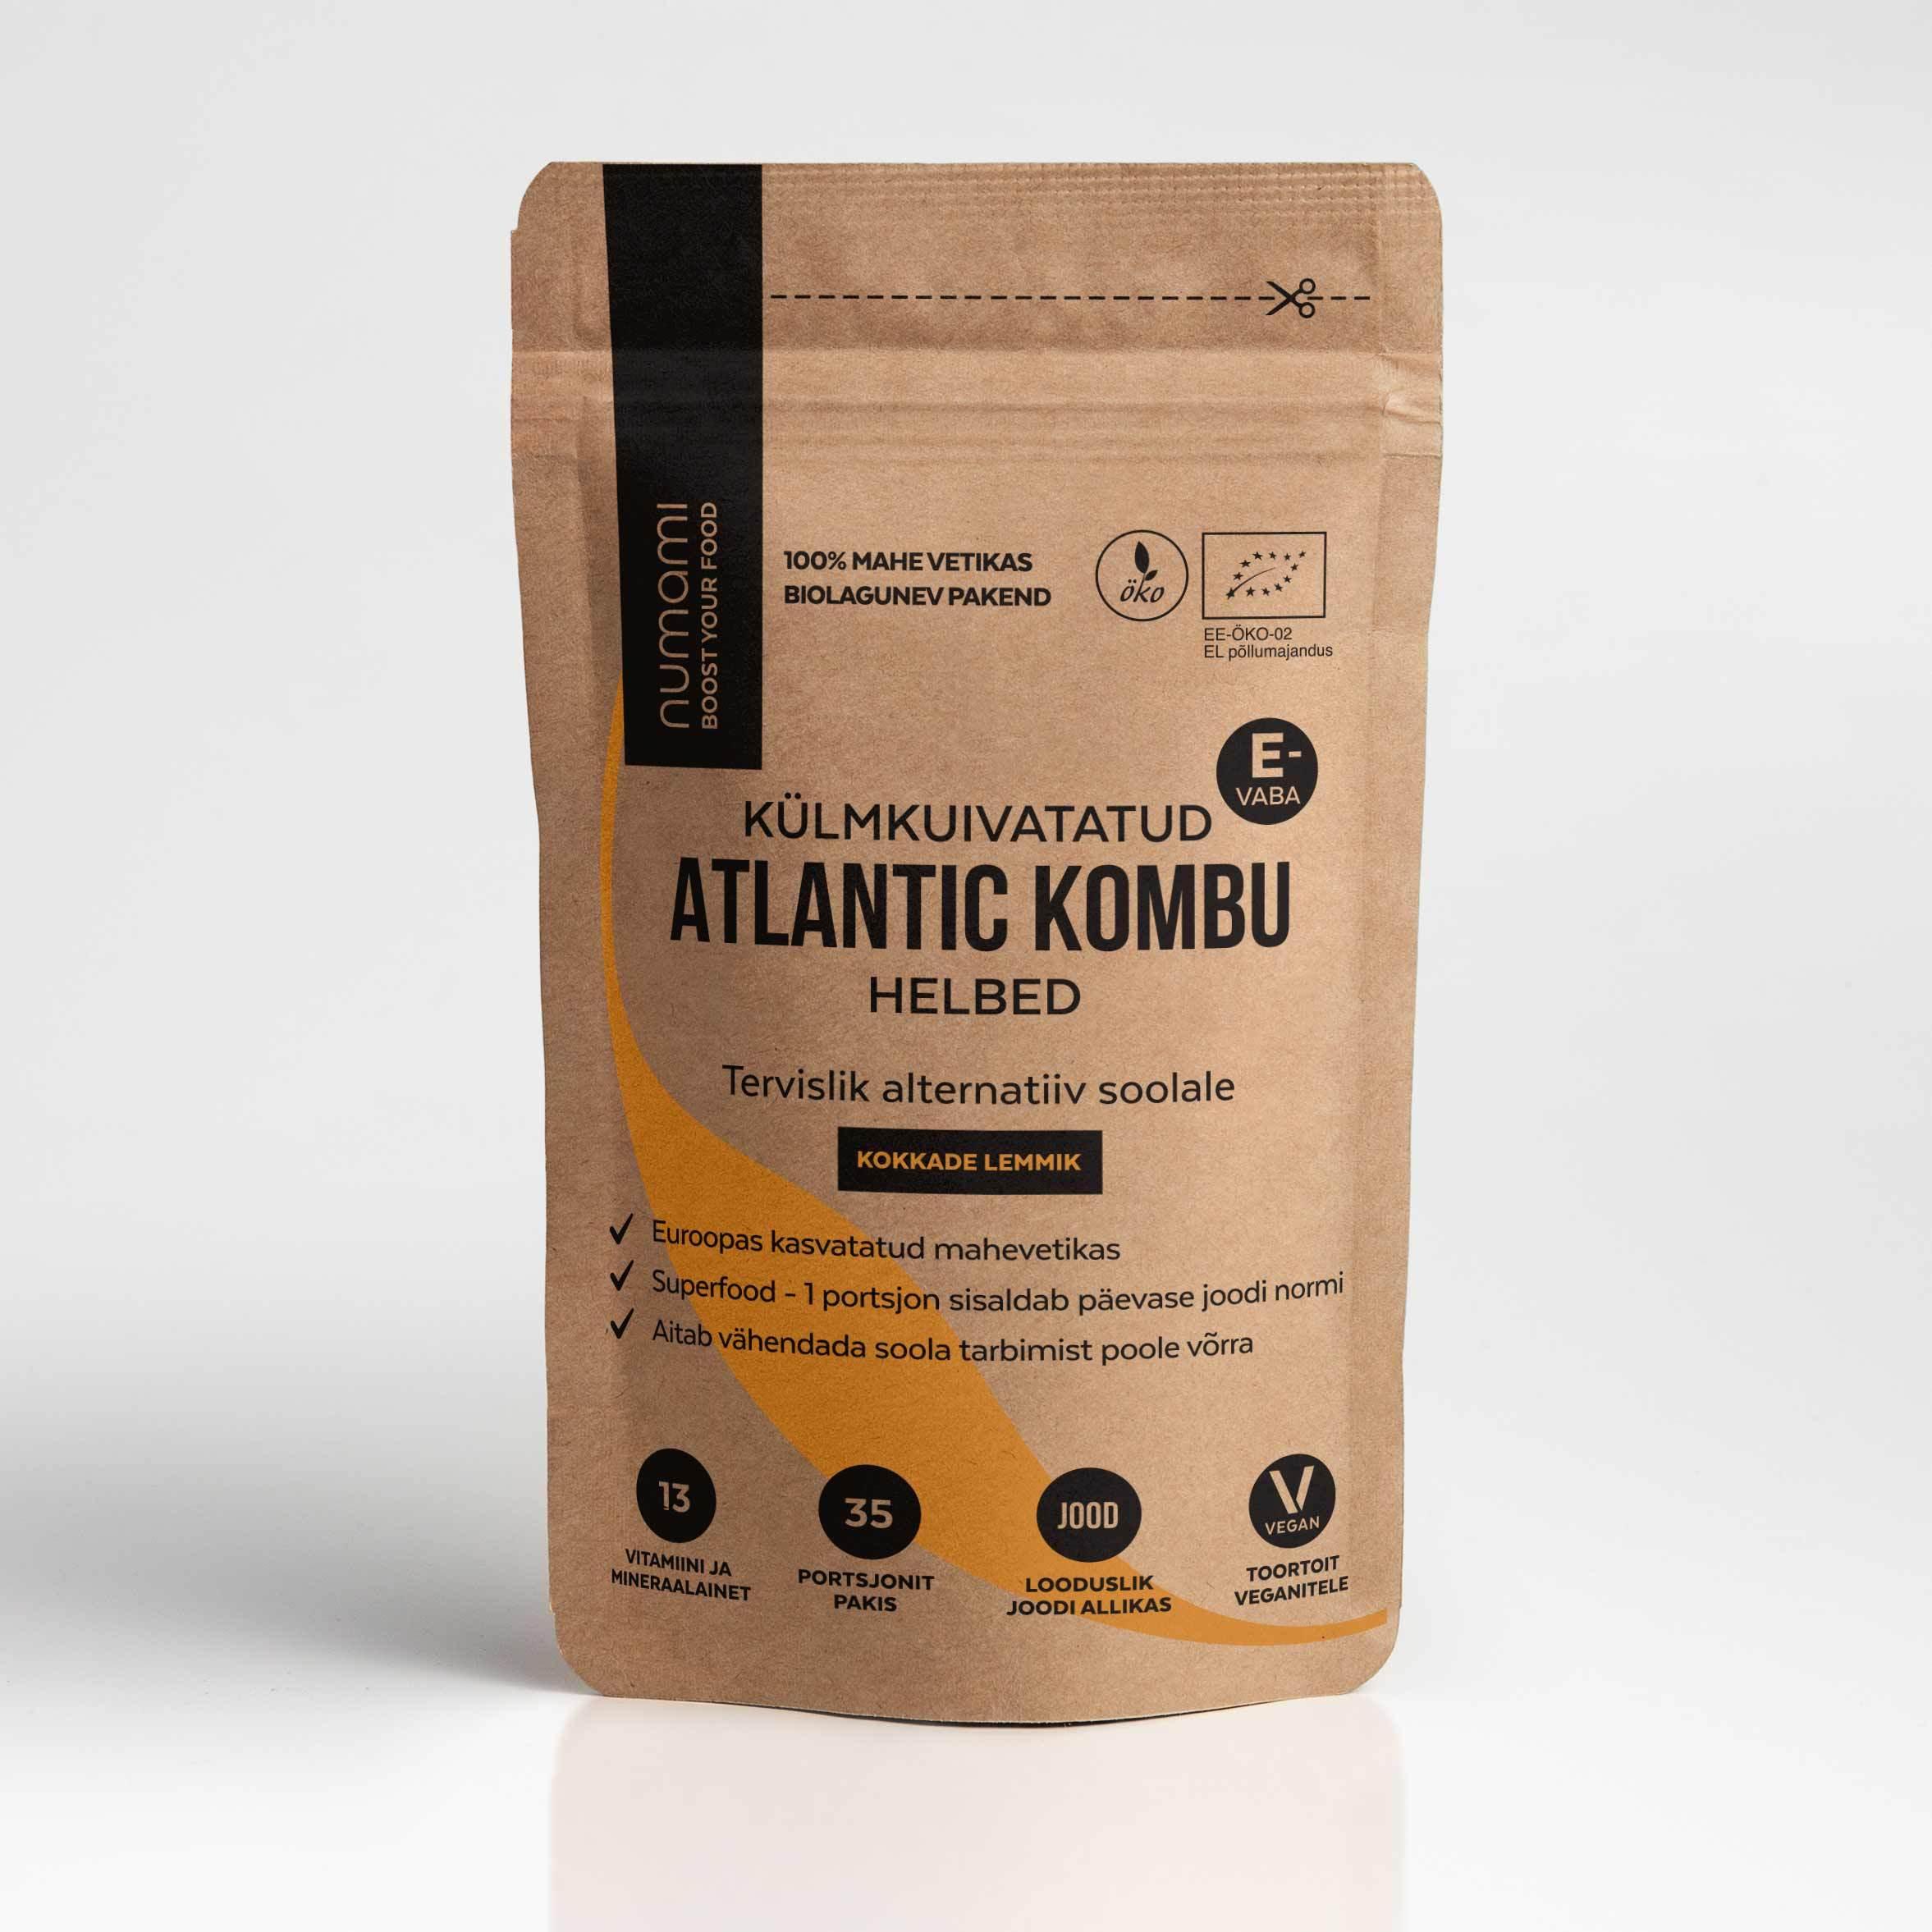 Atlantic Kombu, täitekott 12g (2571)